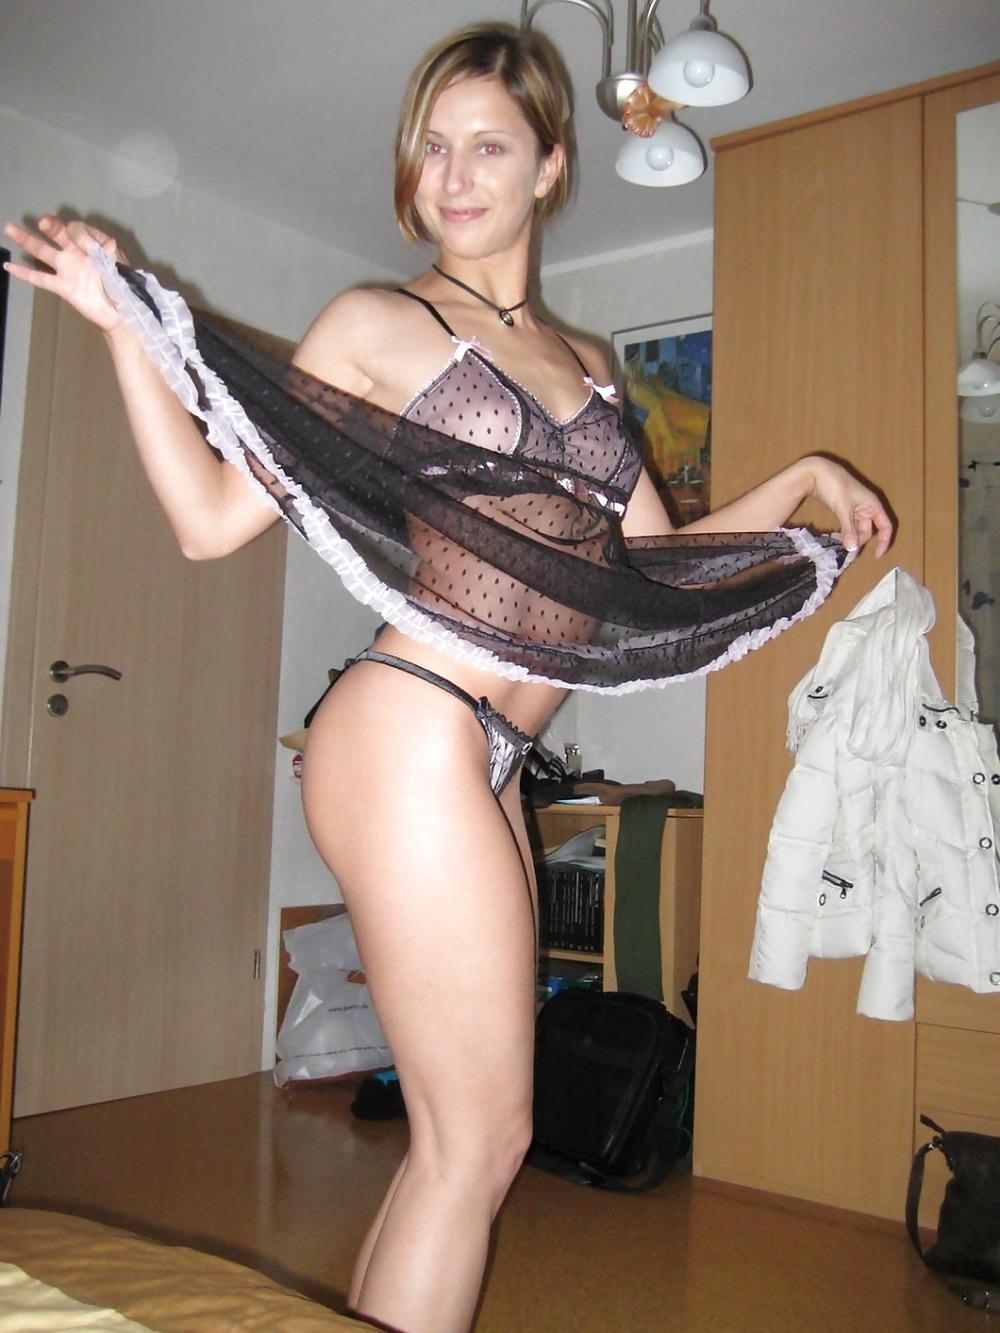 Vanessa mexicana en lenceria y con mascara virtual 2